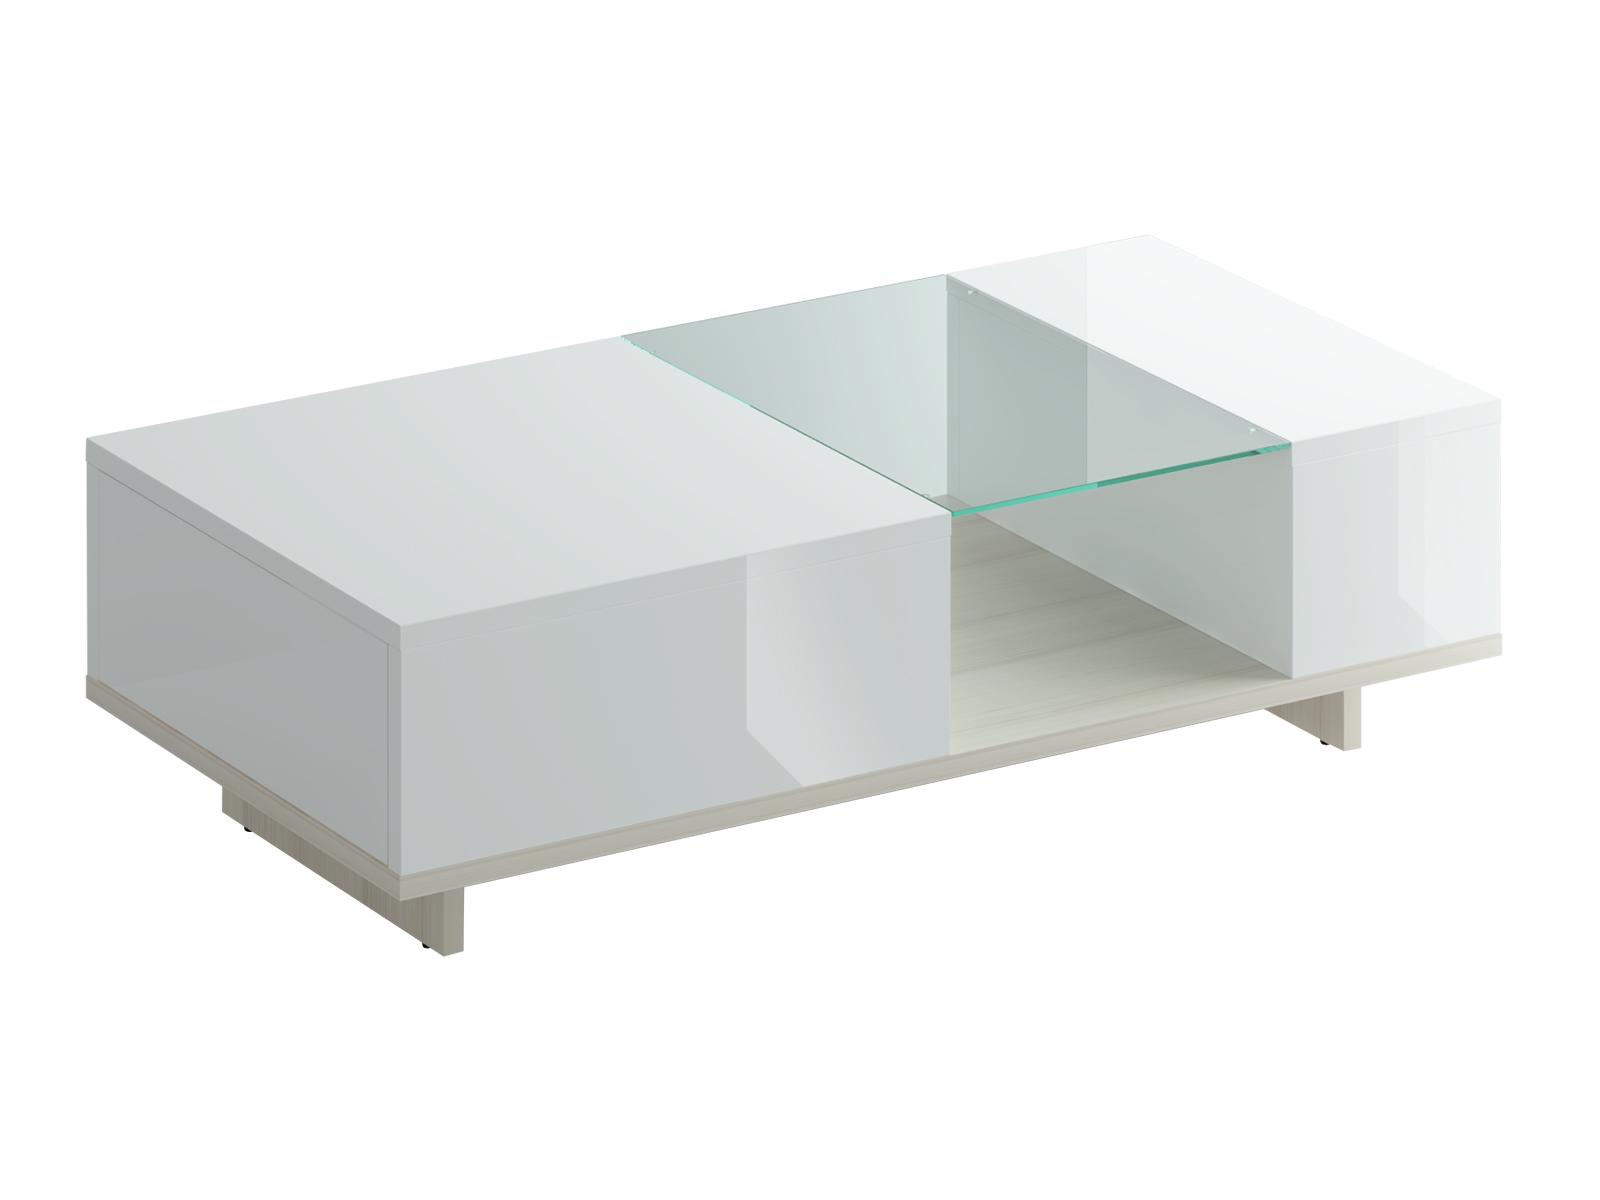 Стол журнальный LimboЖурнальные столики<br>Стол журнальный со стеклянной полкой и одним выдвижным ящиком (открывается по принципу «нажал - открыл»). Максимальная нагрузка на стеклянную полку - 8 кг. Полка покрыта противоосколочной плёнкой.<br><br>Material: ДСП<br>Width см: 125<br>Depth см: 61<br>Height см: 36